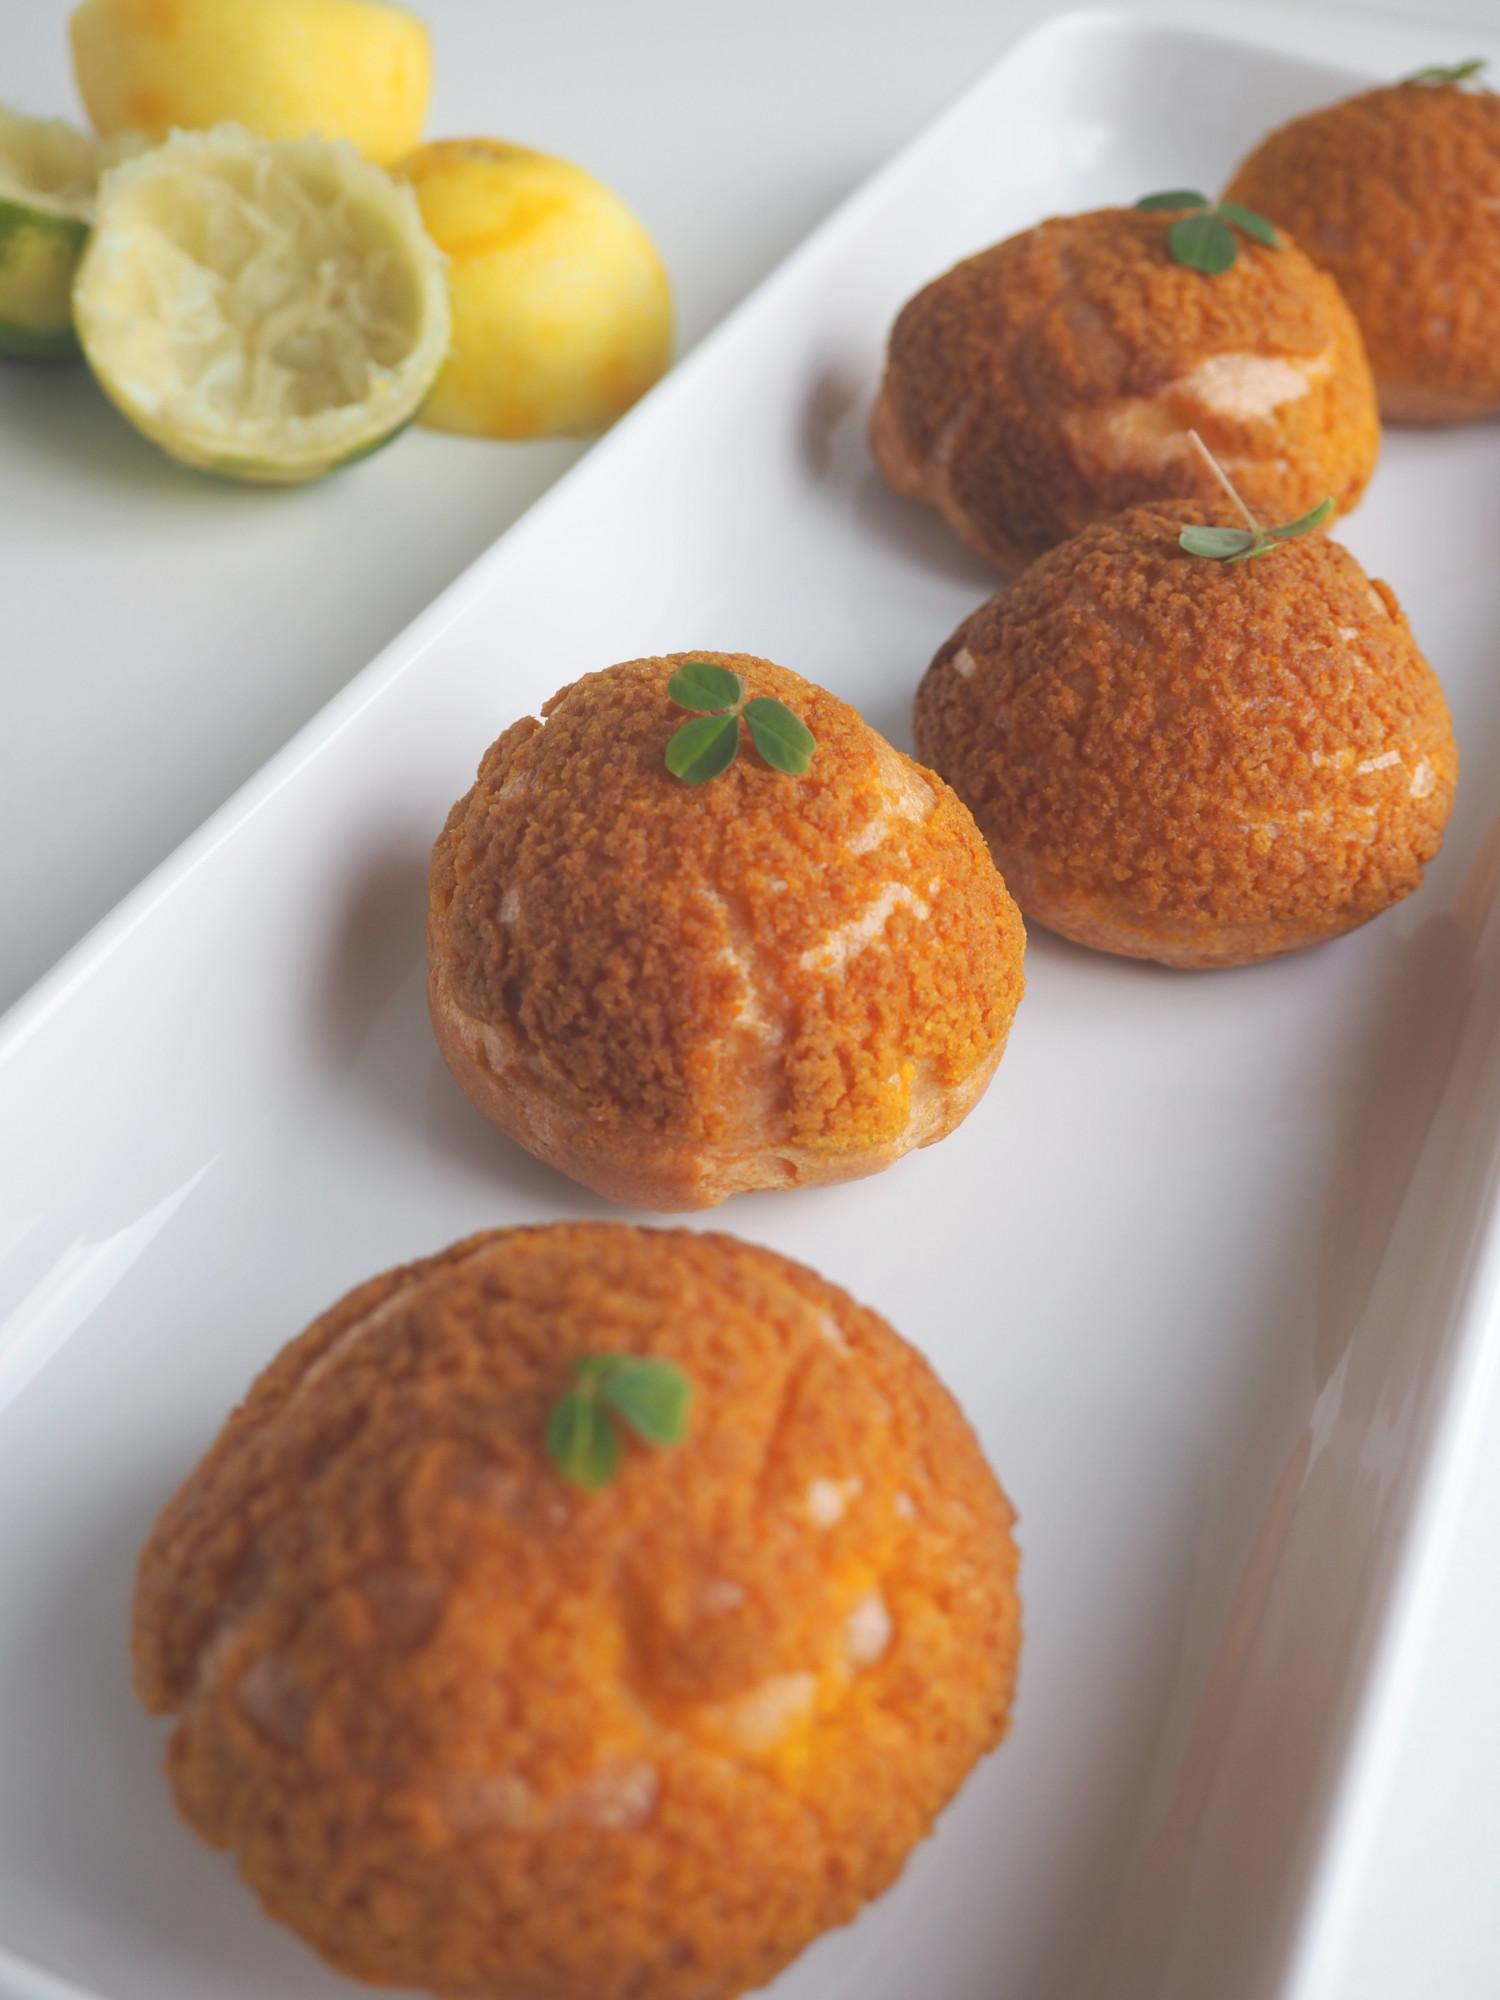 Choux au craquelin med lemon-limecurd og marengs af Rebekka Mikkelsen fra MasterChef tjek ud på www.beksemad.dk og @bekkelekke